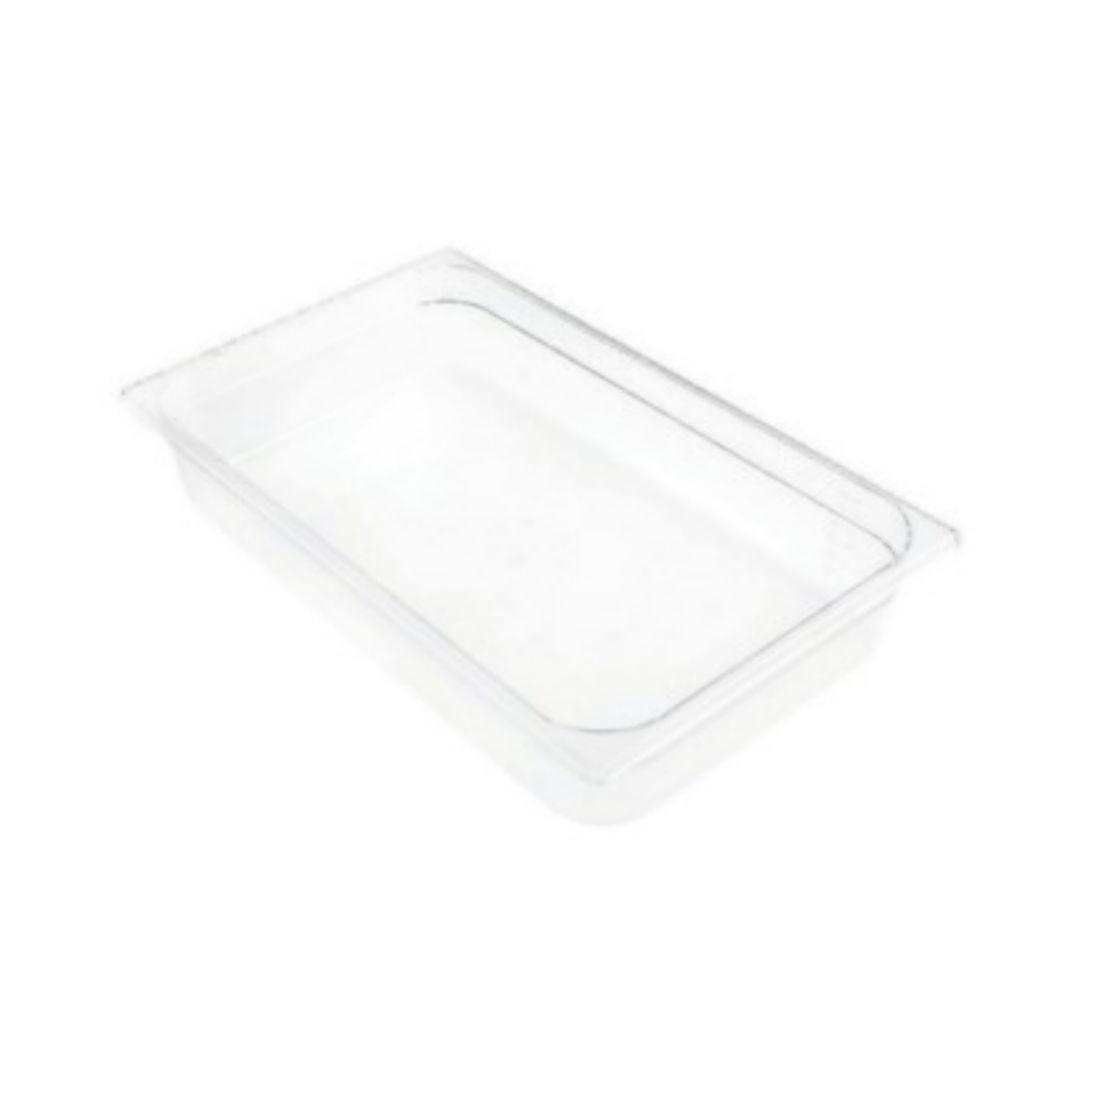 Gastronádoba polykarbonátová GN 1/1 100